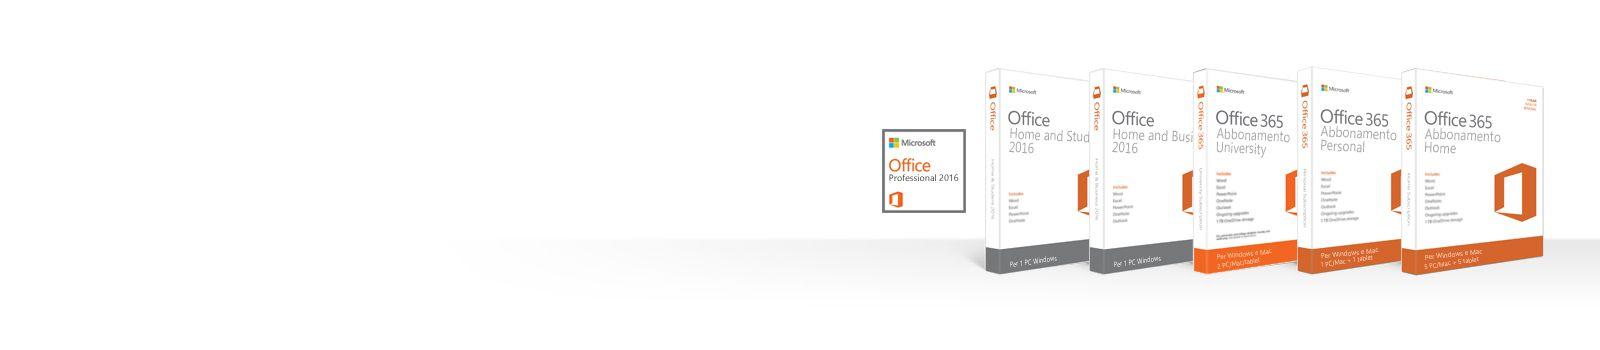 Gestisci, scarica, esegui il backup o ripristina i prodotti Office